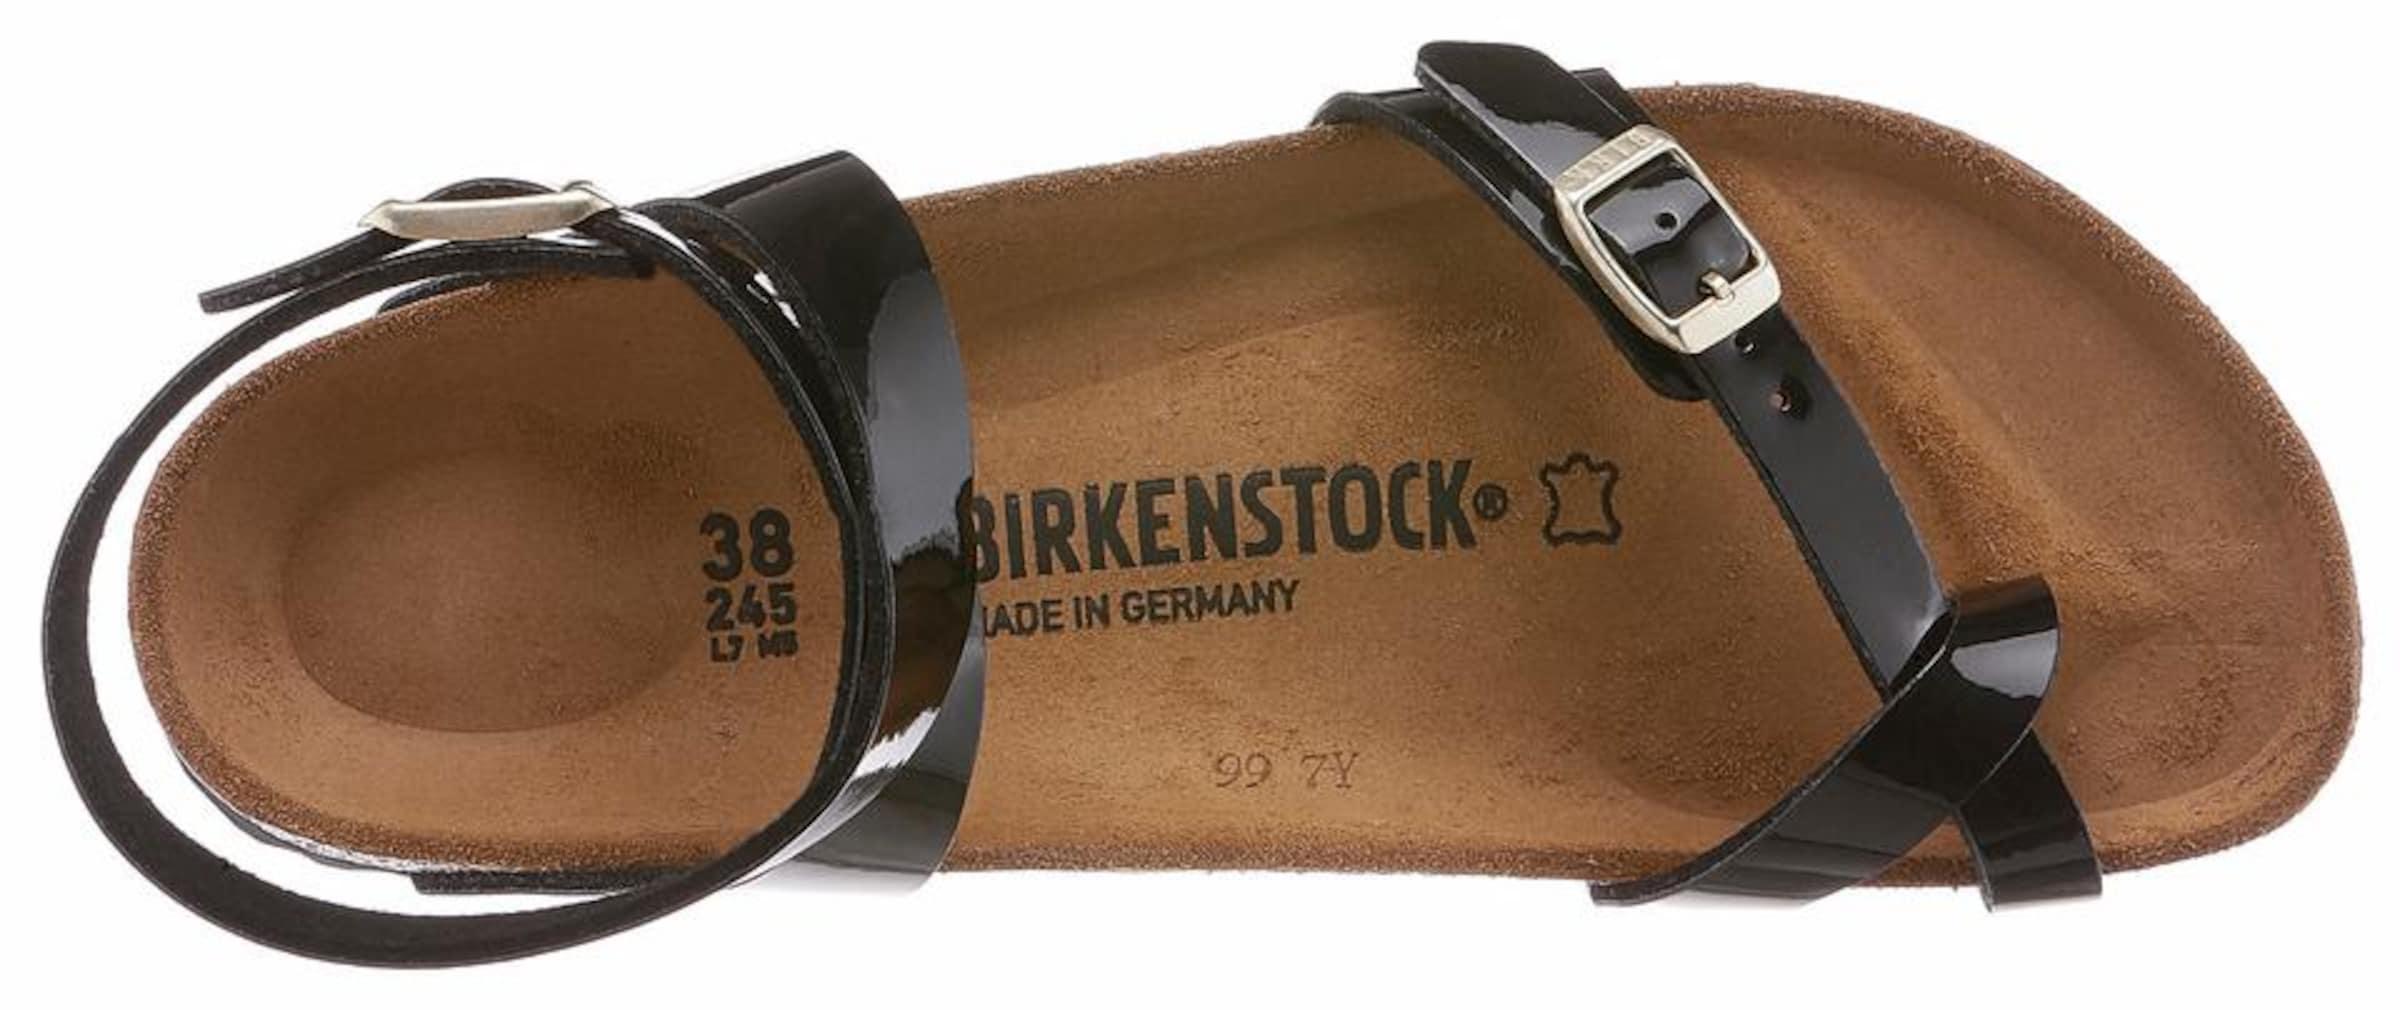 Riemchensandale 'yara' Schwarz Schwarz Riemchensandale In In Birkenstock 'yara' Birkenstock lTK13FJc